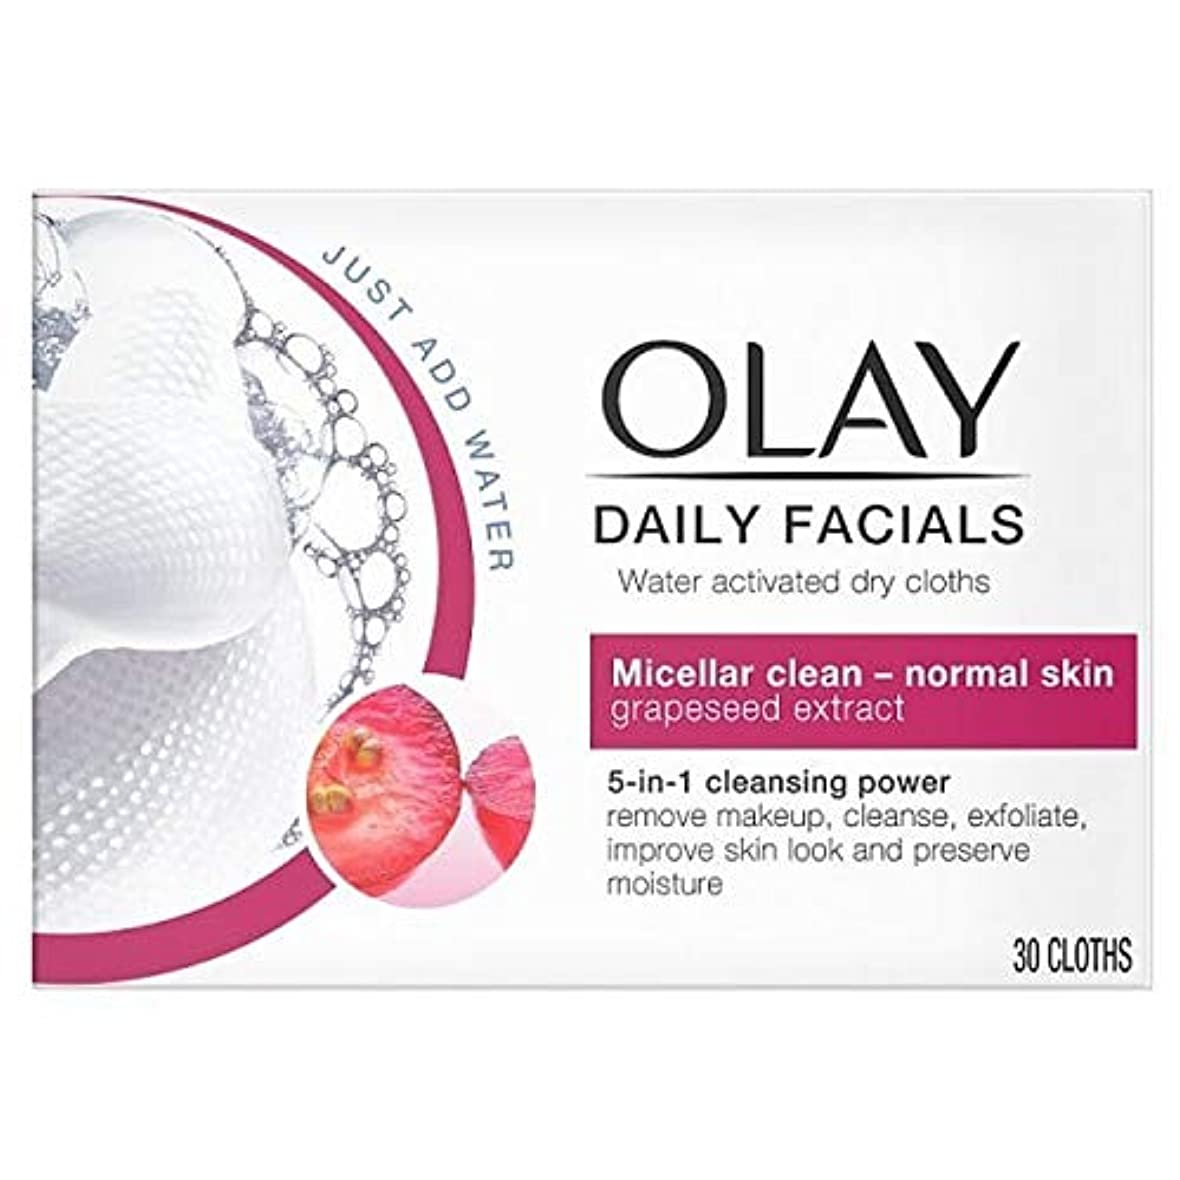 コンパイルのため単調な[Olay ] オーレイ毎日フェイシャル5-In1は乾燥布 - 正常な皮膚 - Olay Daily Facials 5-in1 Dry Cloths - Normal Skin [並行輸入品]